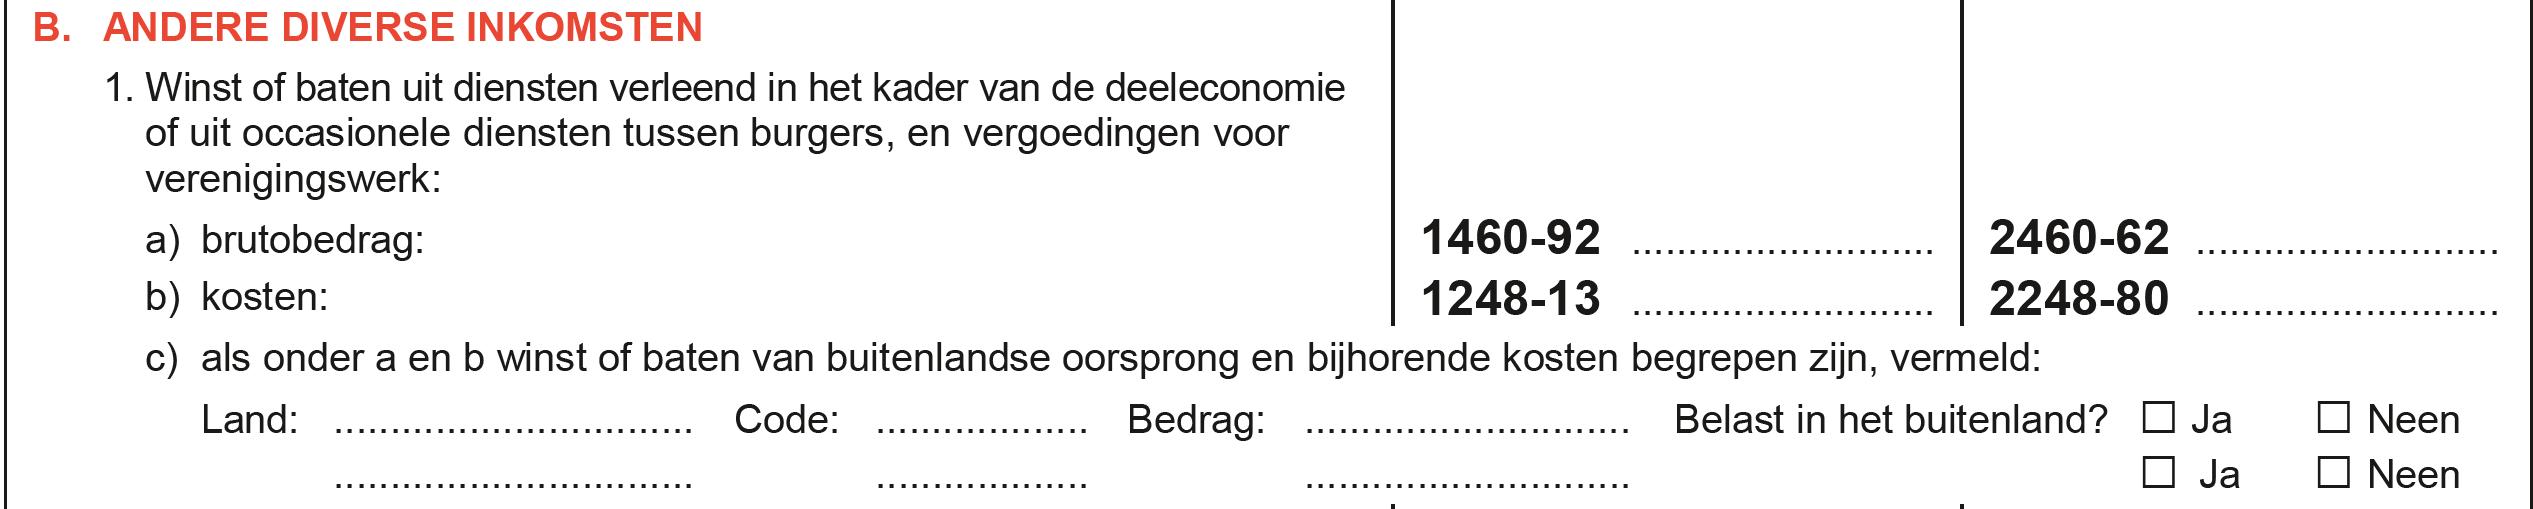 Vak IX Diverse inkomsten deeleconomie